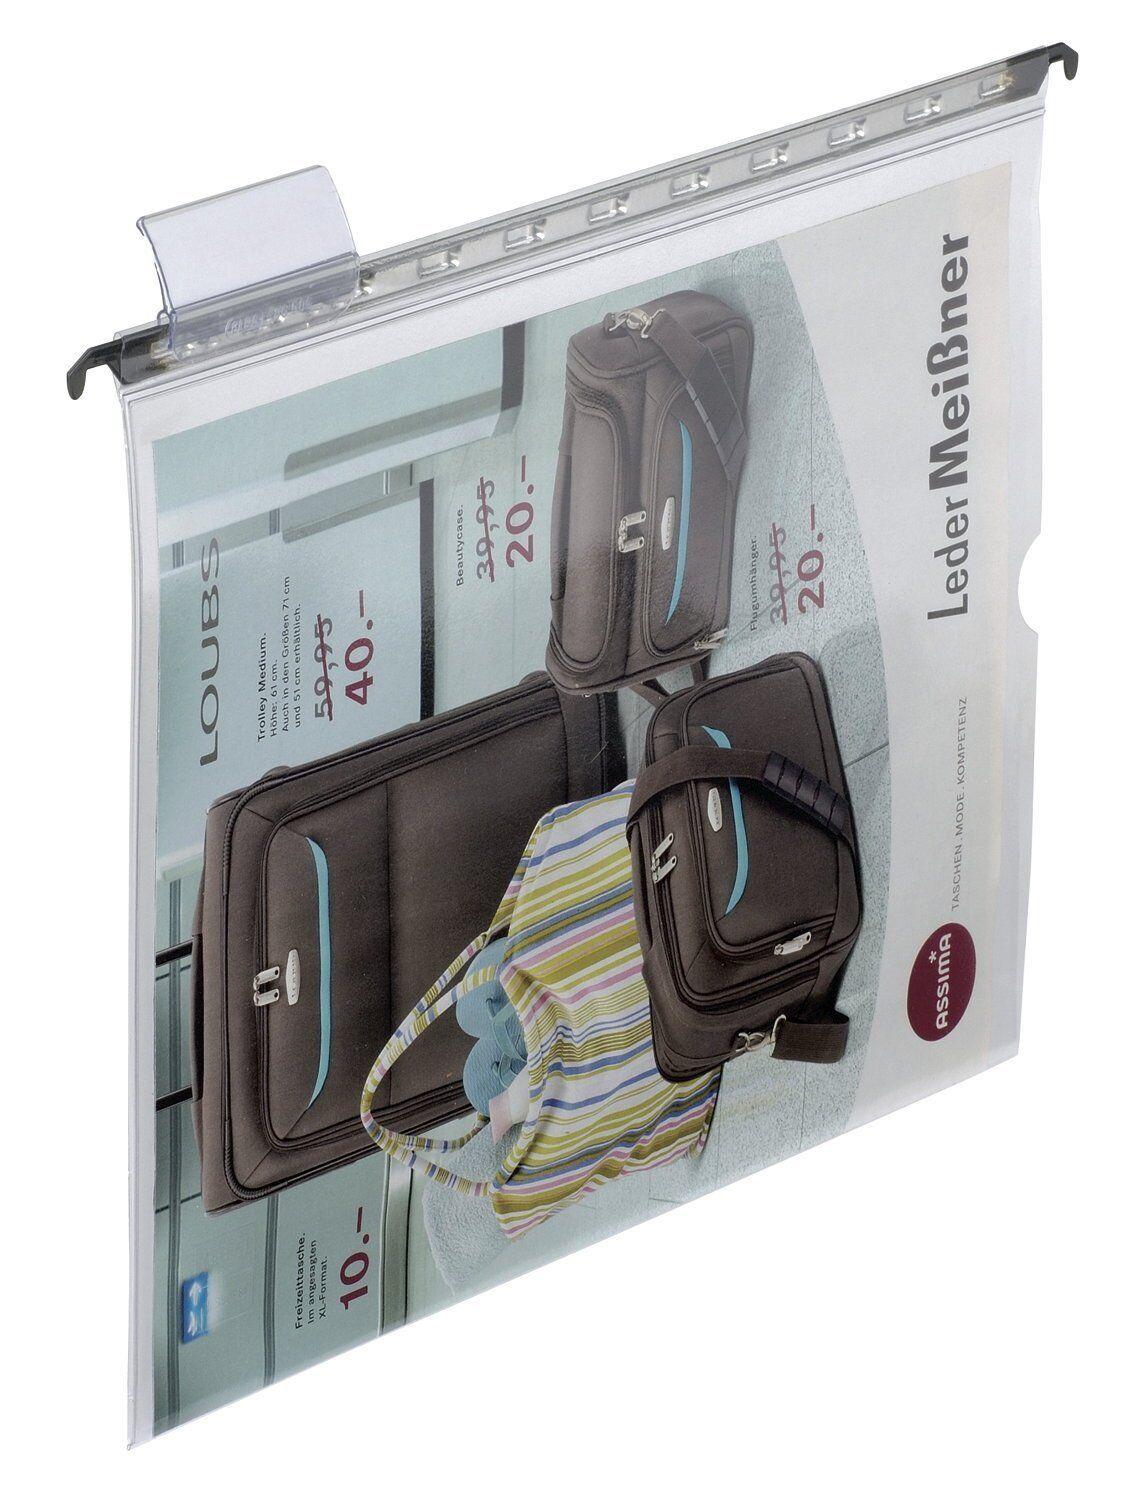 25 x ELBA Grünic 1 Hängesichttasche, glasklar, A4, aus PVC, Hängetasche   Viele Stile    Eleganter Stil    Deutschland Shops